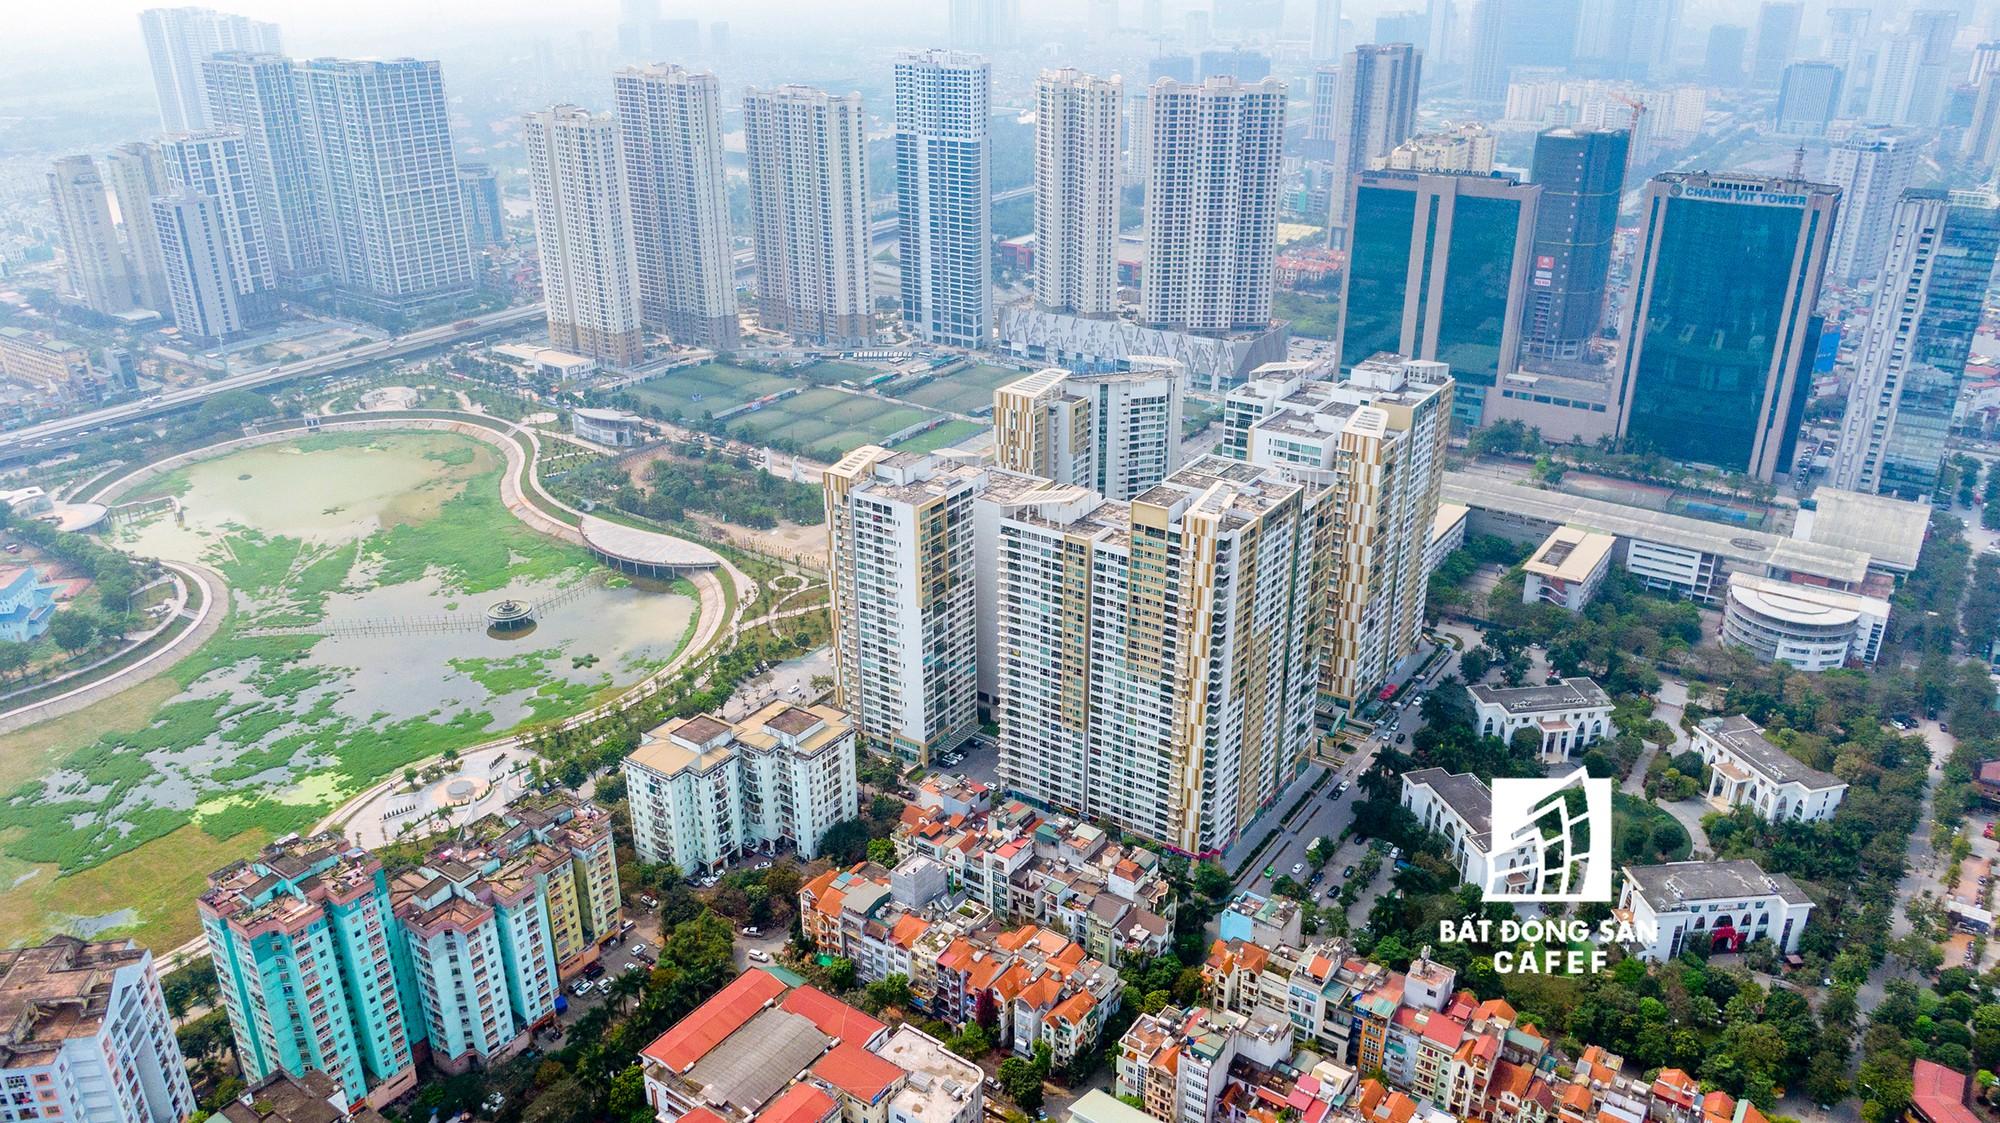 Toàn cảnh rừng cao ốc đang bóp nghẹt khu đô thị kiểu mẫu bậc nhất Hà Nội - Ảnh 13.